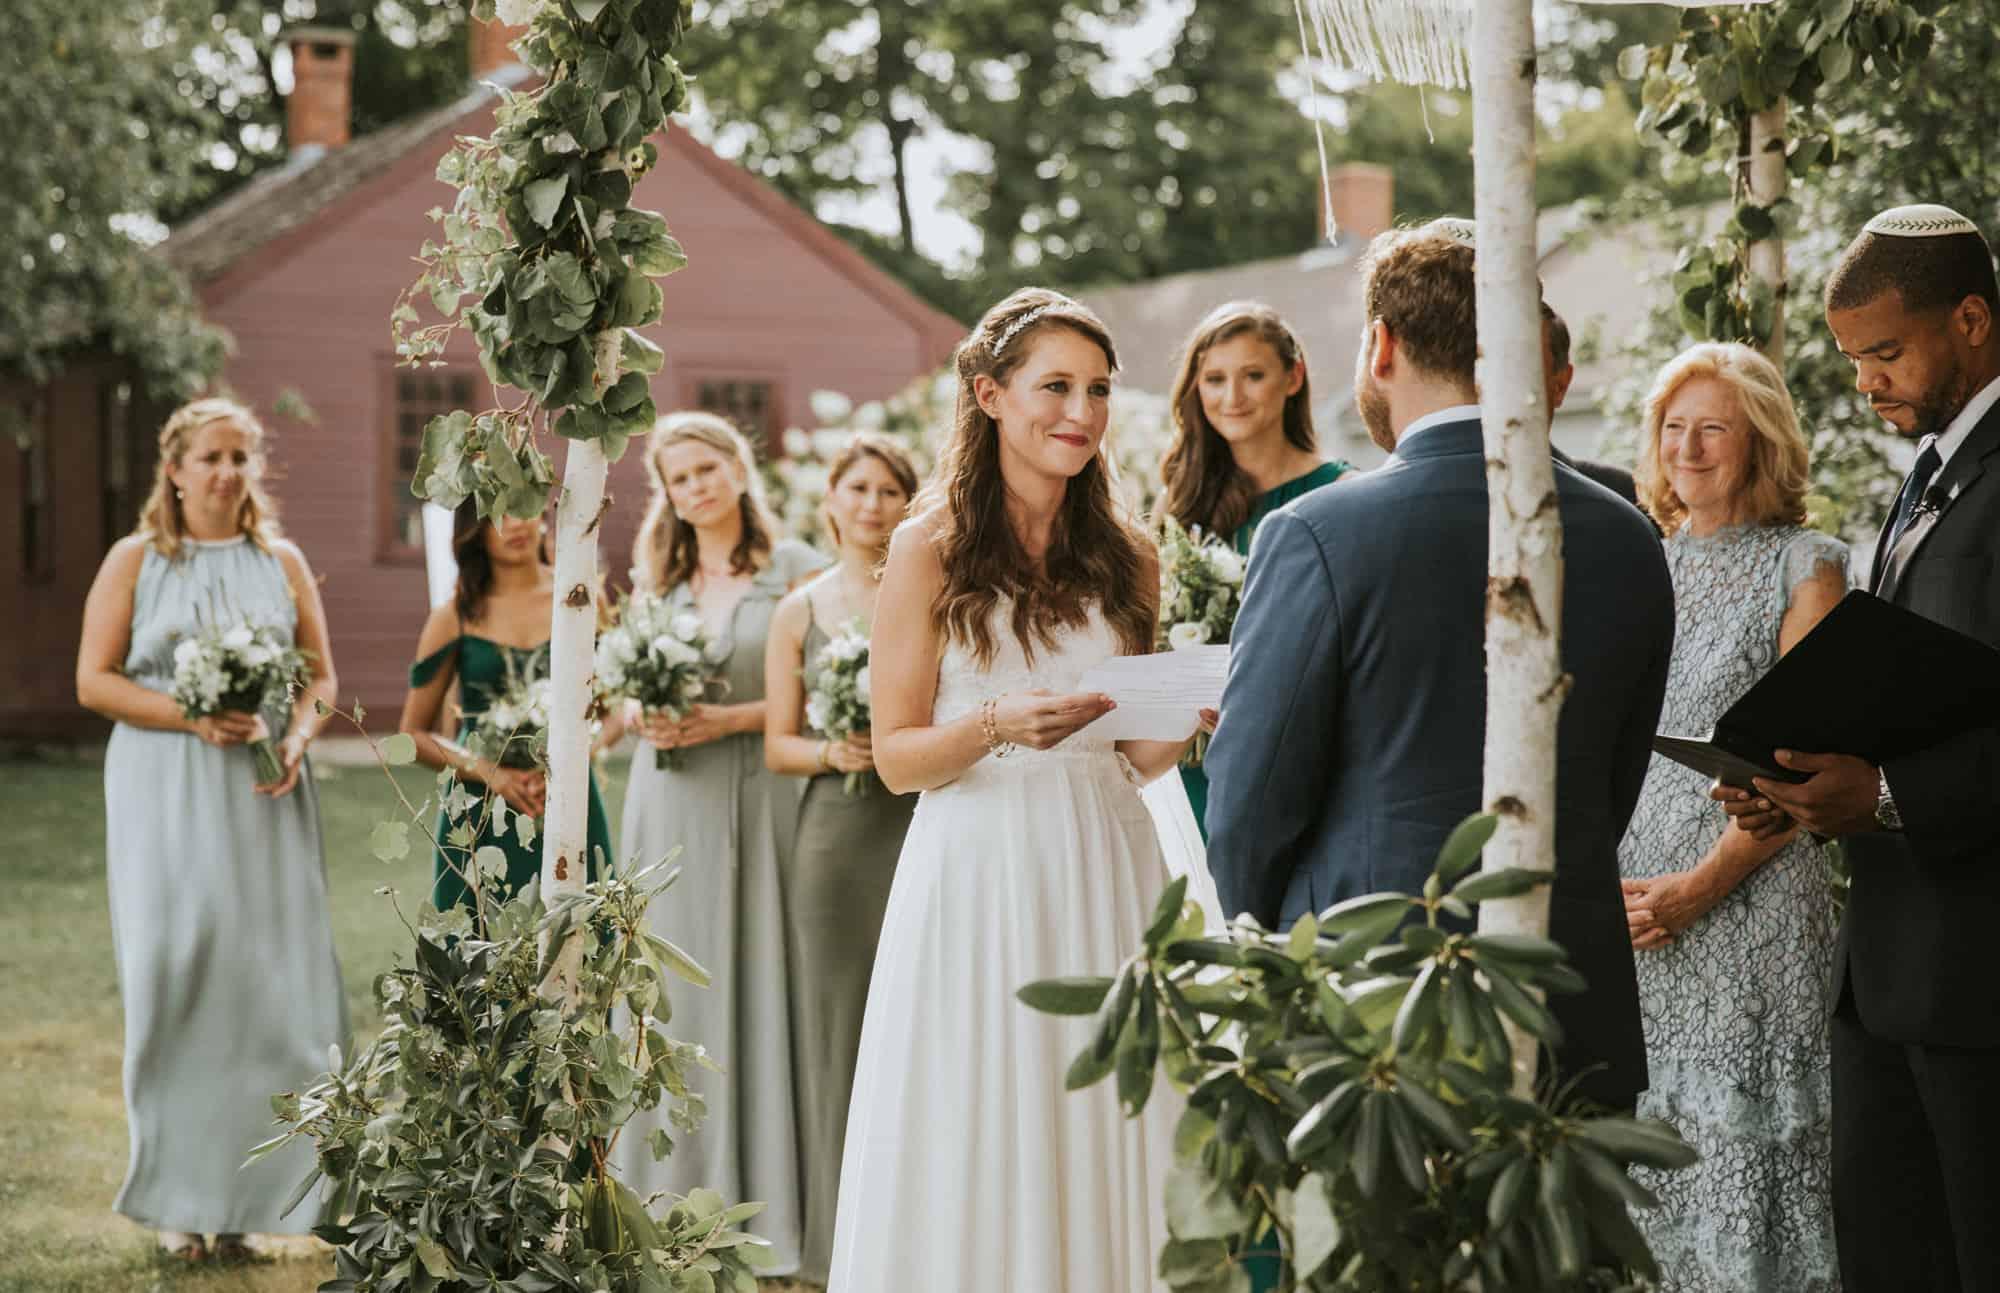 lake_sunapee_nh_wedding_012_1.jpg